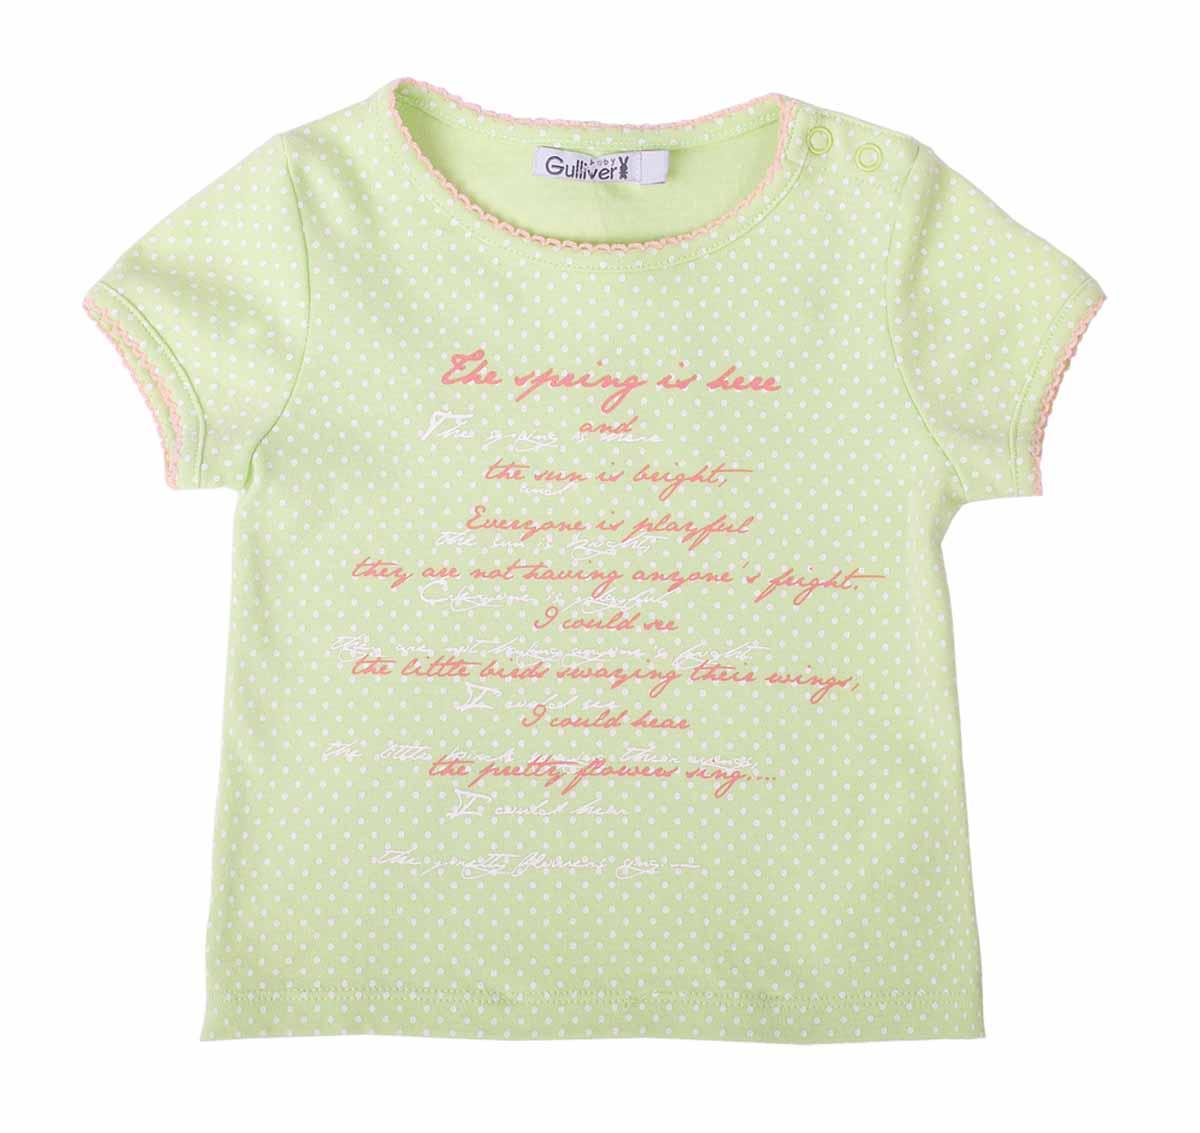 Футболка116GBGC1201Футболка для девочки Gulliver Baby Сакура сделает образ ребенка ярким и оригинальным. Изготовленная из натурального хлопка, она мягкая и приятная на ощупь, не сковывает движения и позволяет коже дышать, обеспечивая комфорт. Футболка с круглым вырезом горловины и короткими рукавами оформлена принтом в горох и термоаппликациями в виде надписей. На плече модель застегивается на металлические кнопки. Горловина и низ рукавов изделия дополнены фестонами. Футболки для малышей относятся к базовому гардеробу, поэтому они должны выглядеть просто и симпатично и быть приятными и удобными для повседневной носки. Такая модель подарит юной моднице комфорт и отличное настроение.